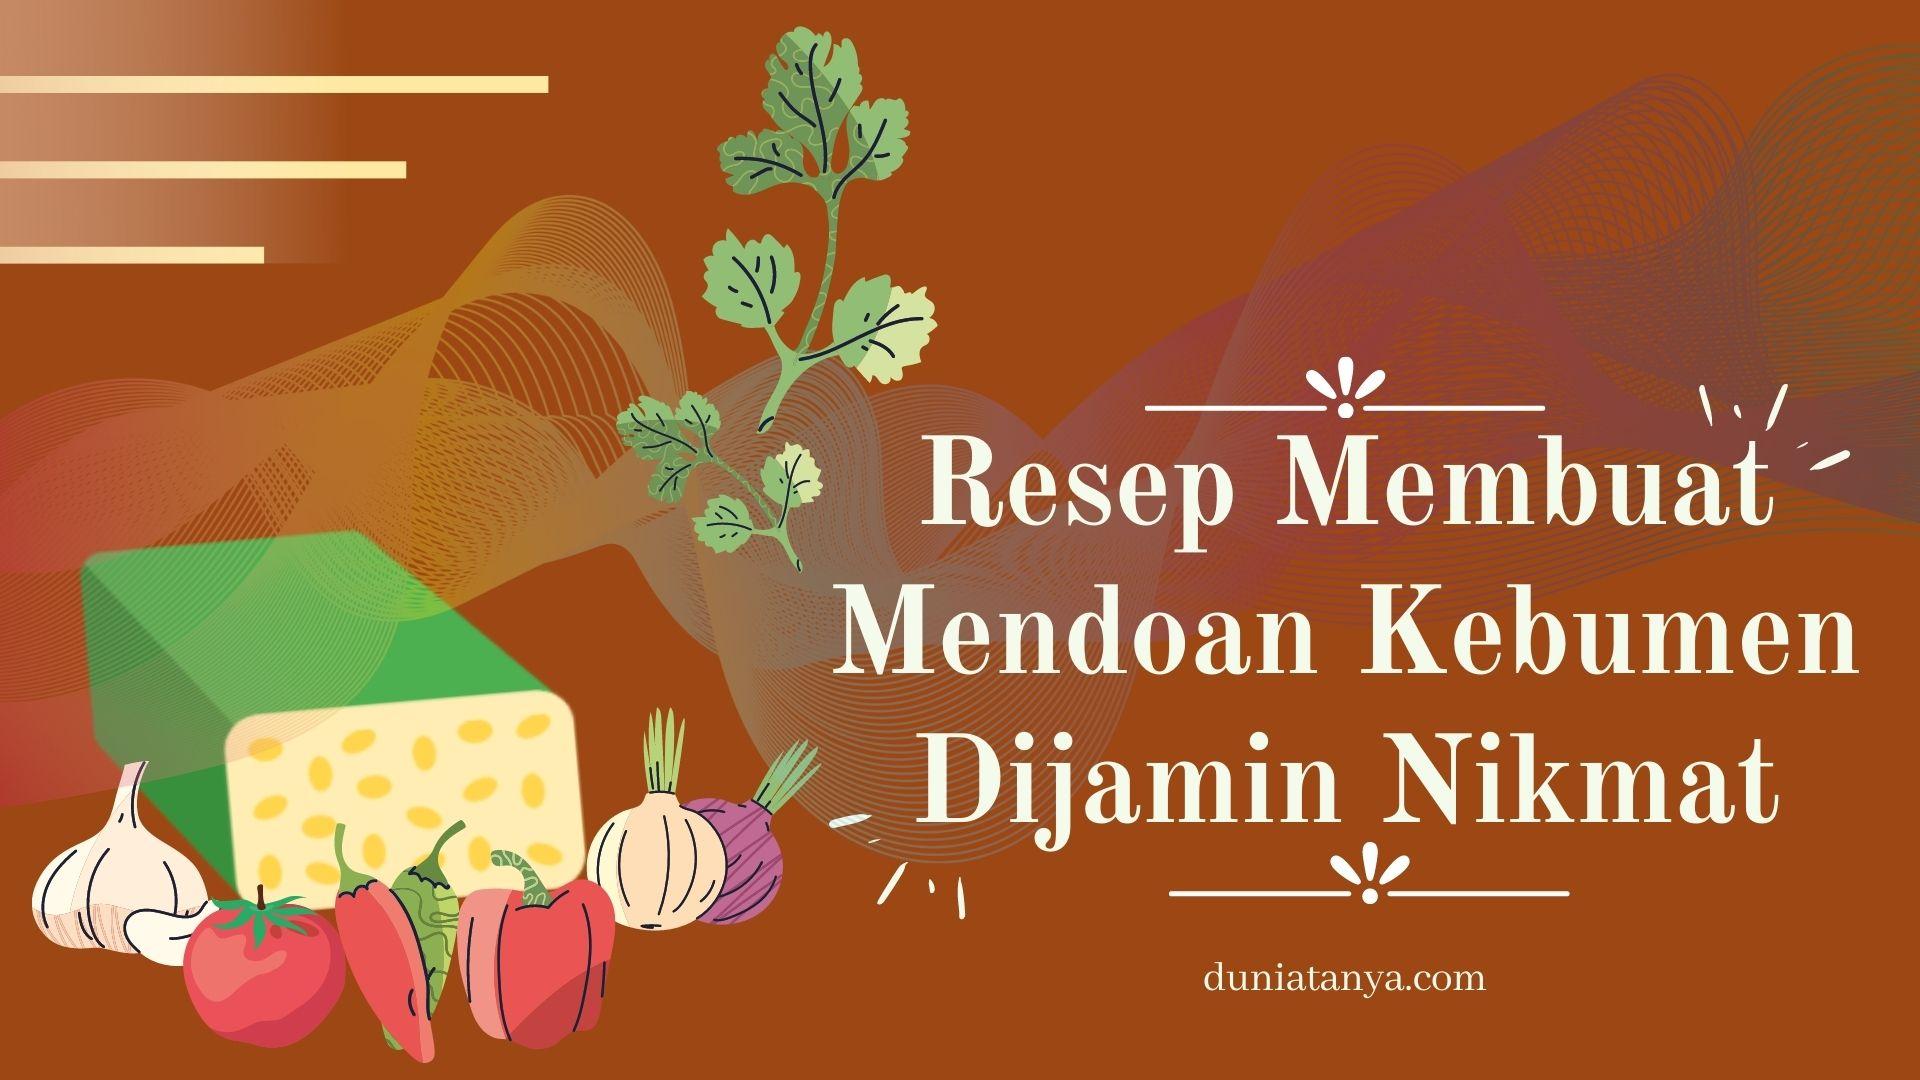 You are currently viewing Resep Membuat Mendoan Kebumen Dijamin Nikmat